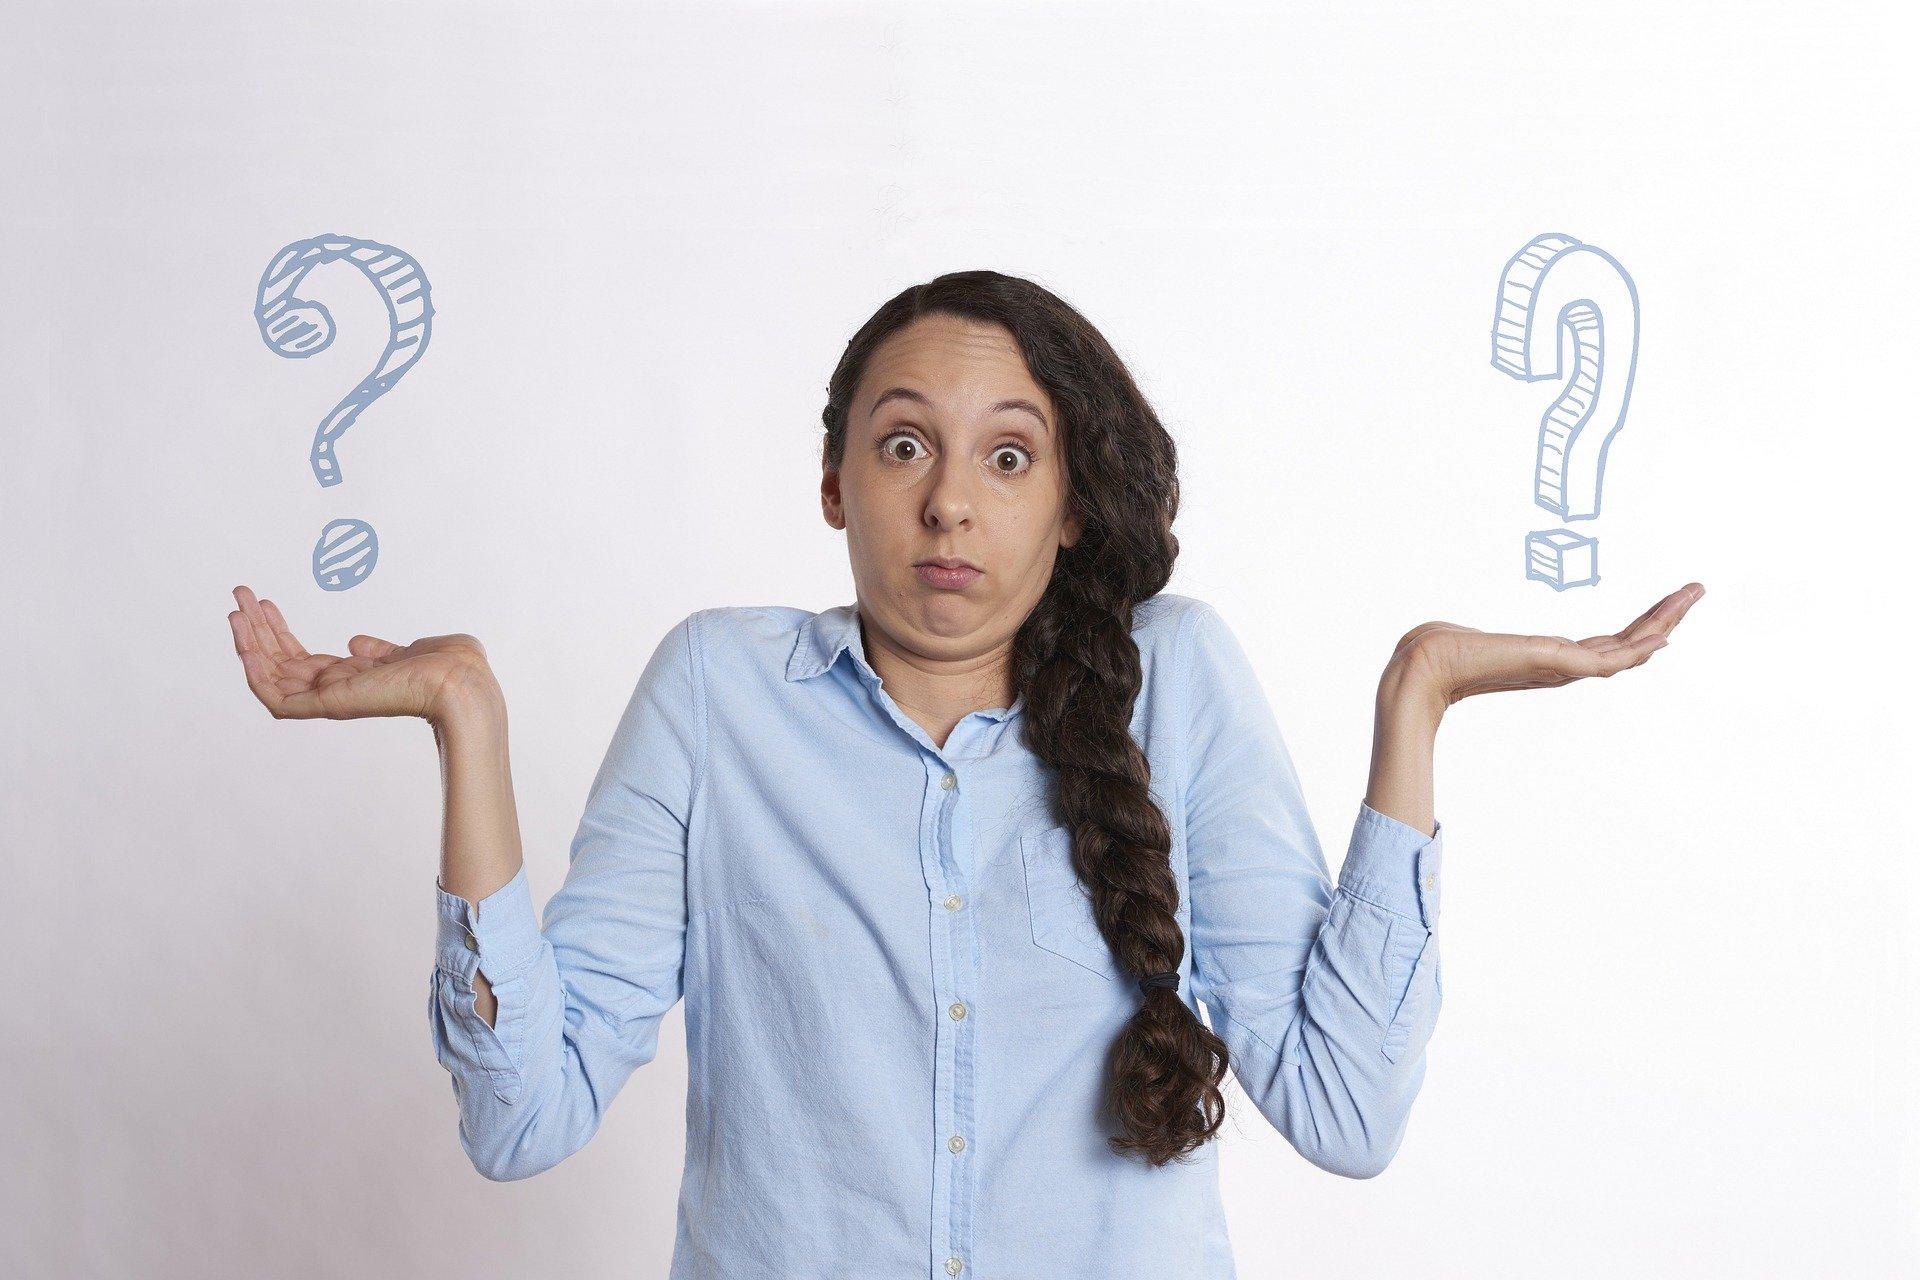 Аккредитация филиала, аккредитация представительства. Часто задаваемые вопросы. Часть 2